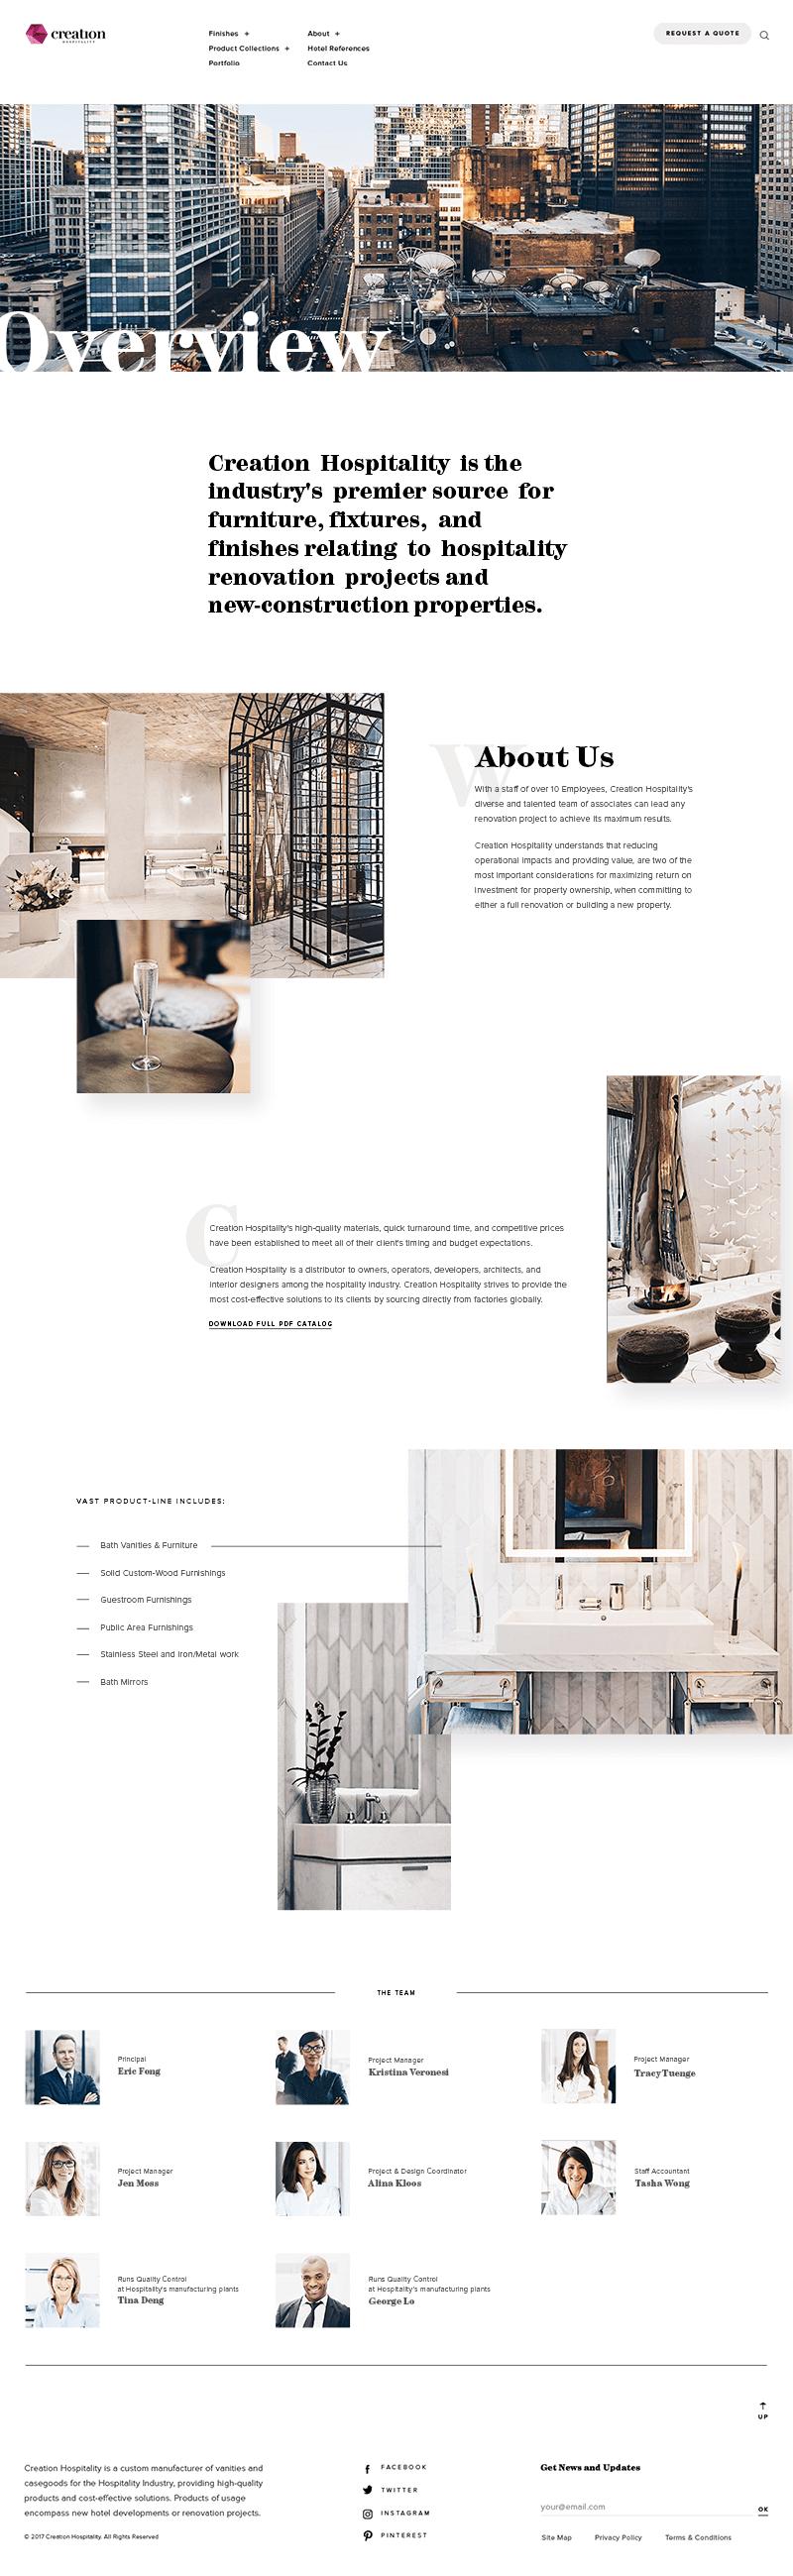 Creation Hospitality Page Screenshot